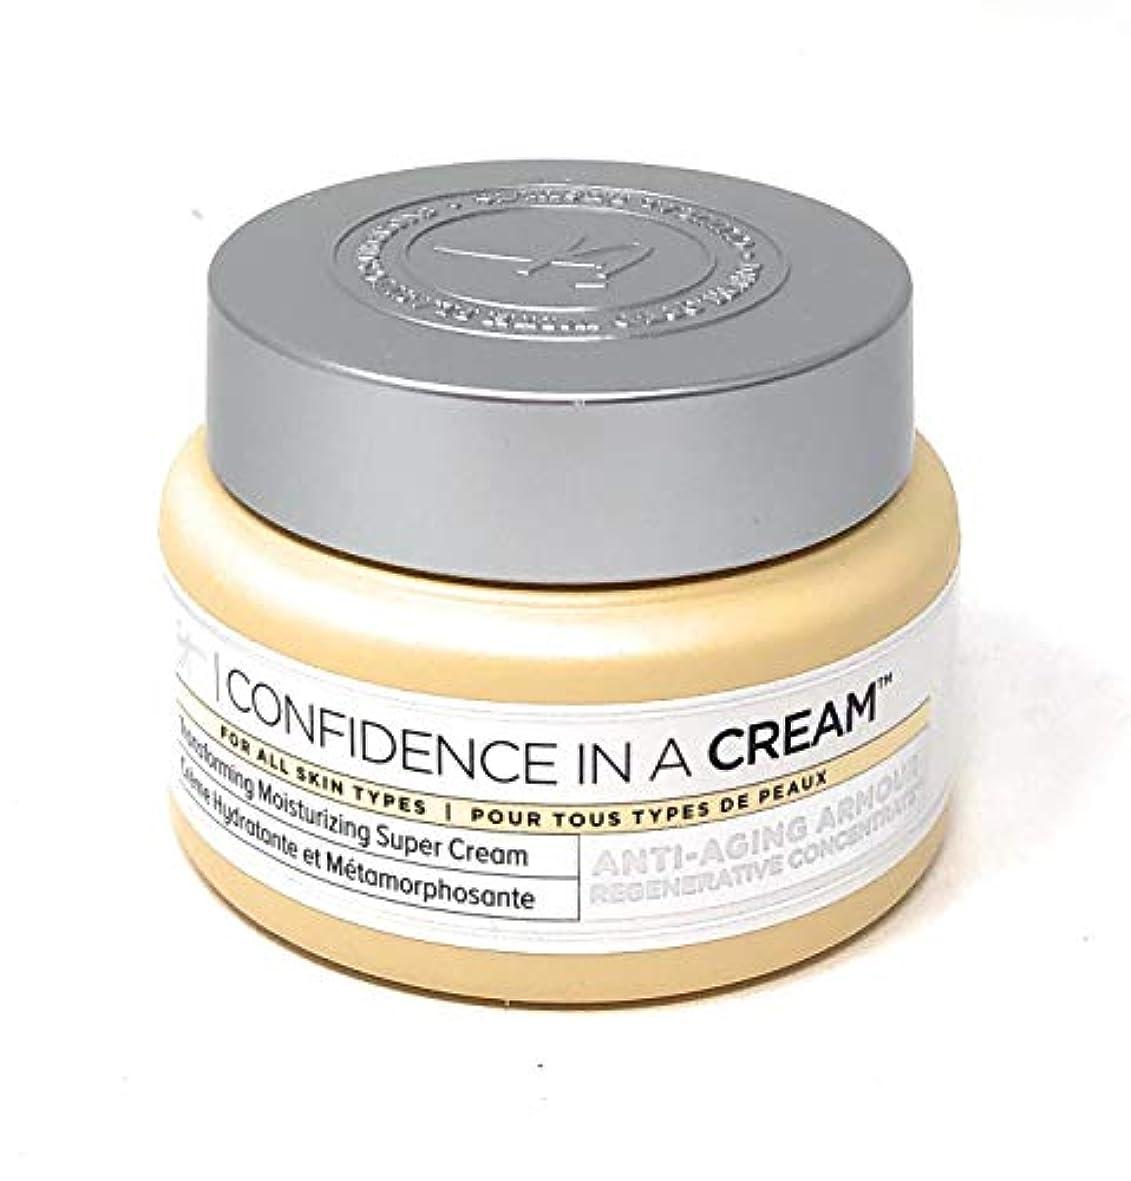 フェリー委員長ショートIt Cosmetics Confidence in a Cream Moisturizer 2 Ouncesクリームモイスチャライザー